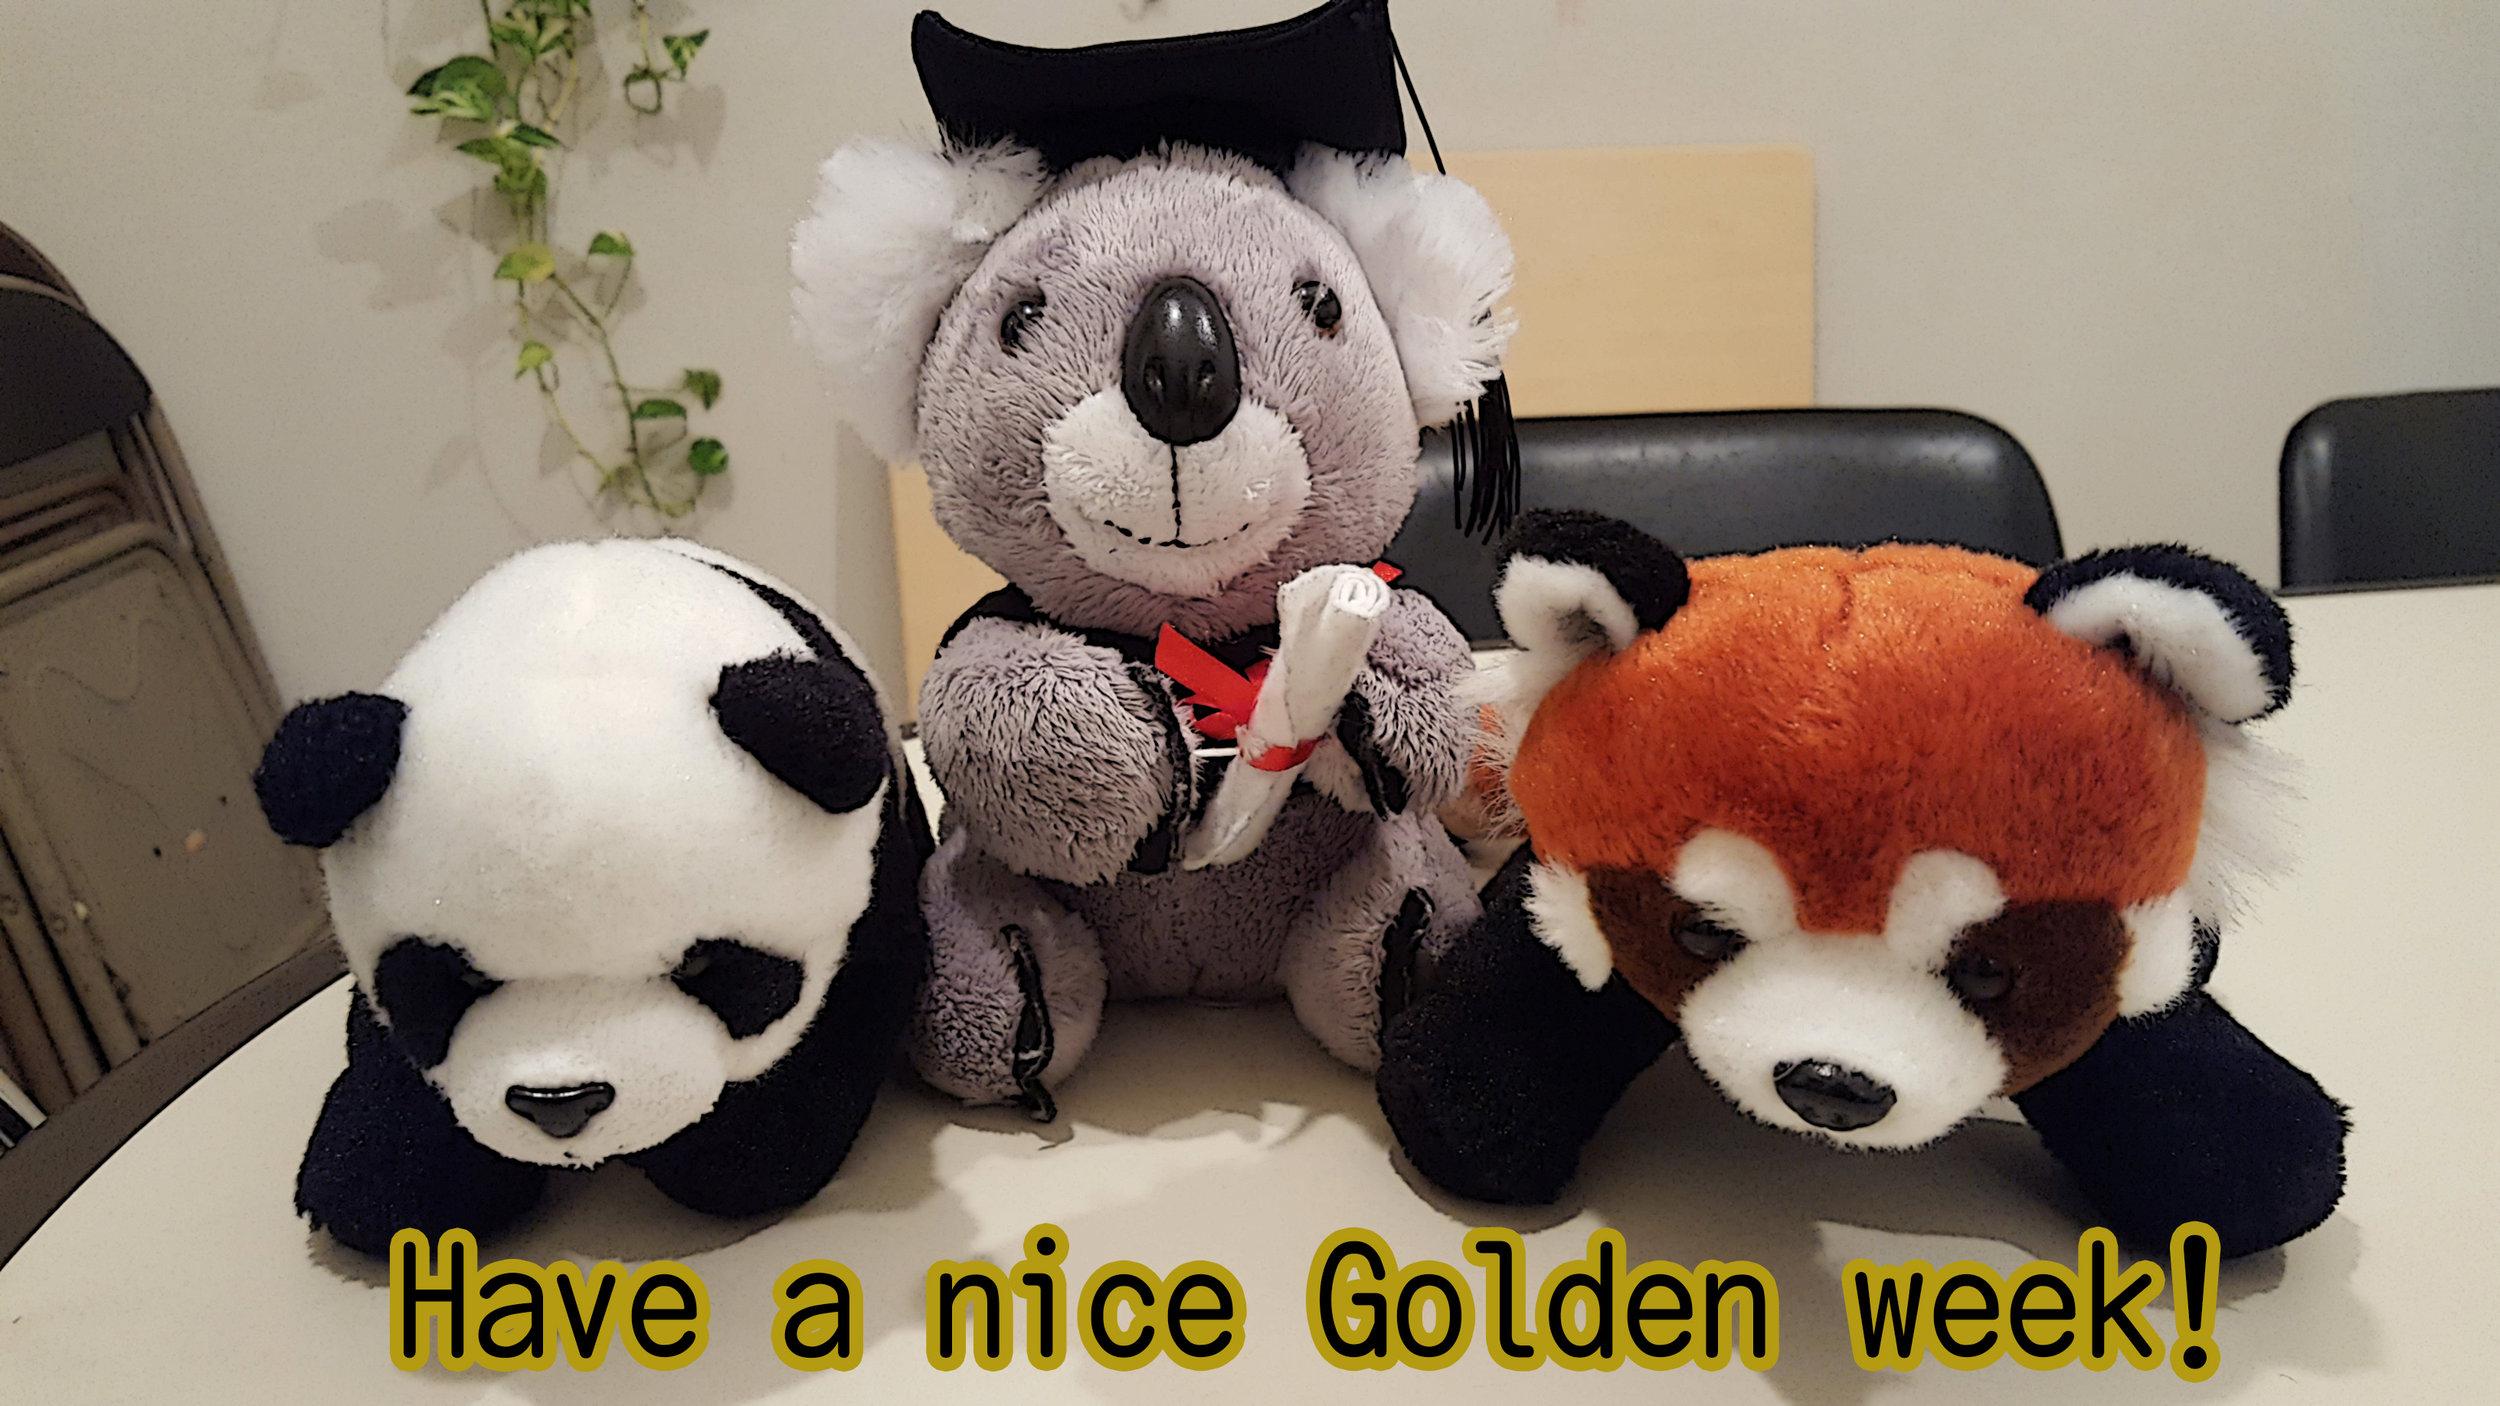 Shanshan, Kochan and Redchan would like to wish you all a nice Golden week :)